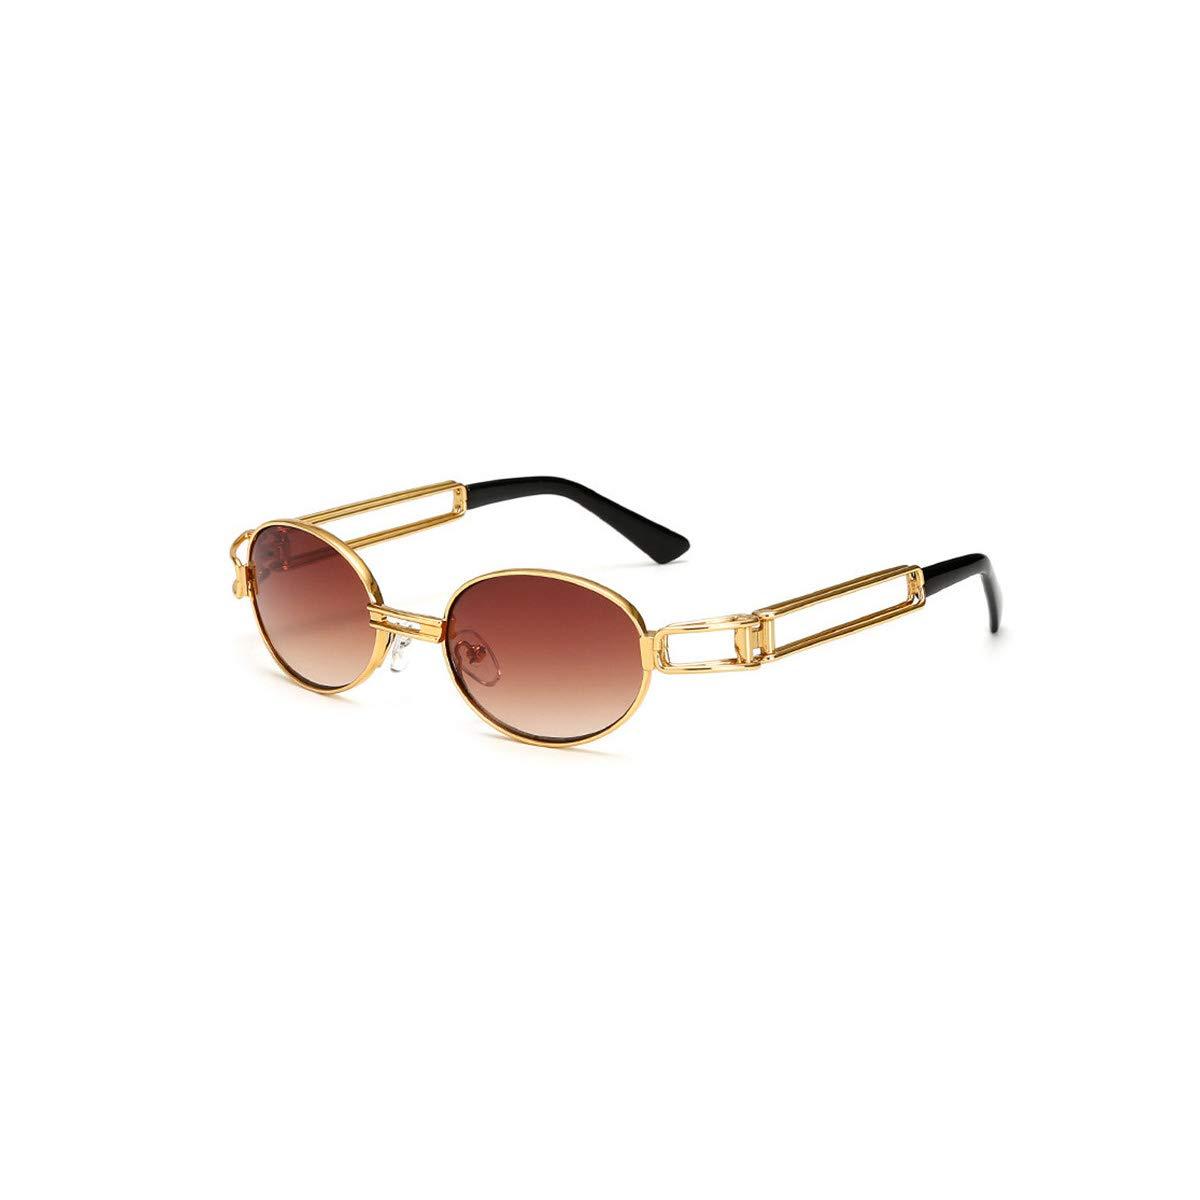 Amazon.com: 2DXuixsh - Gafas de sol redondas para hombre y ...